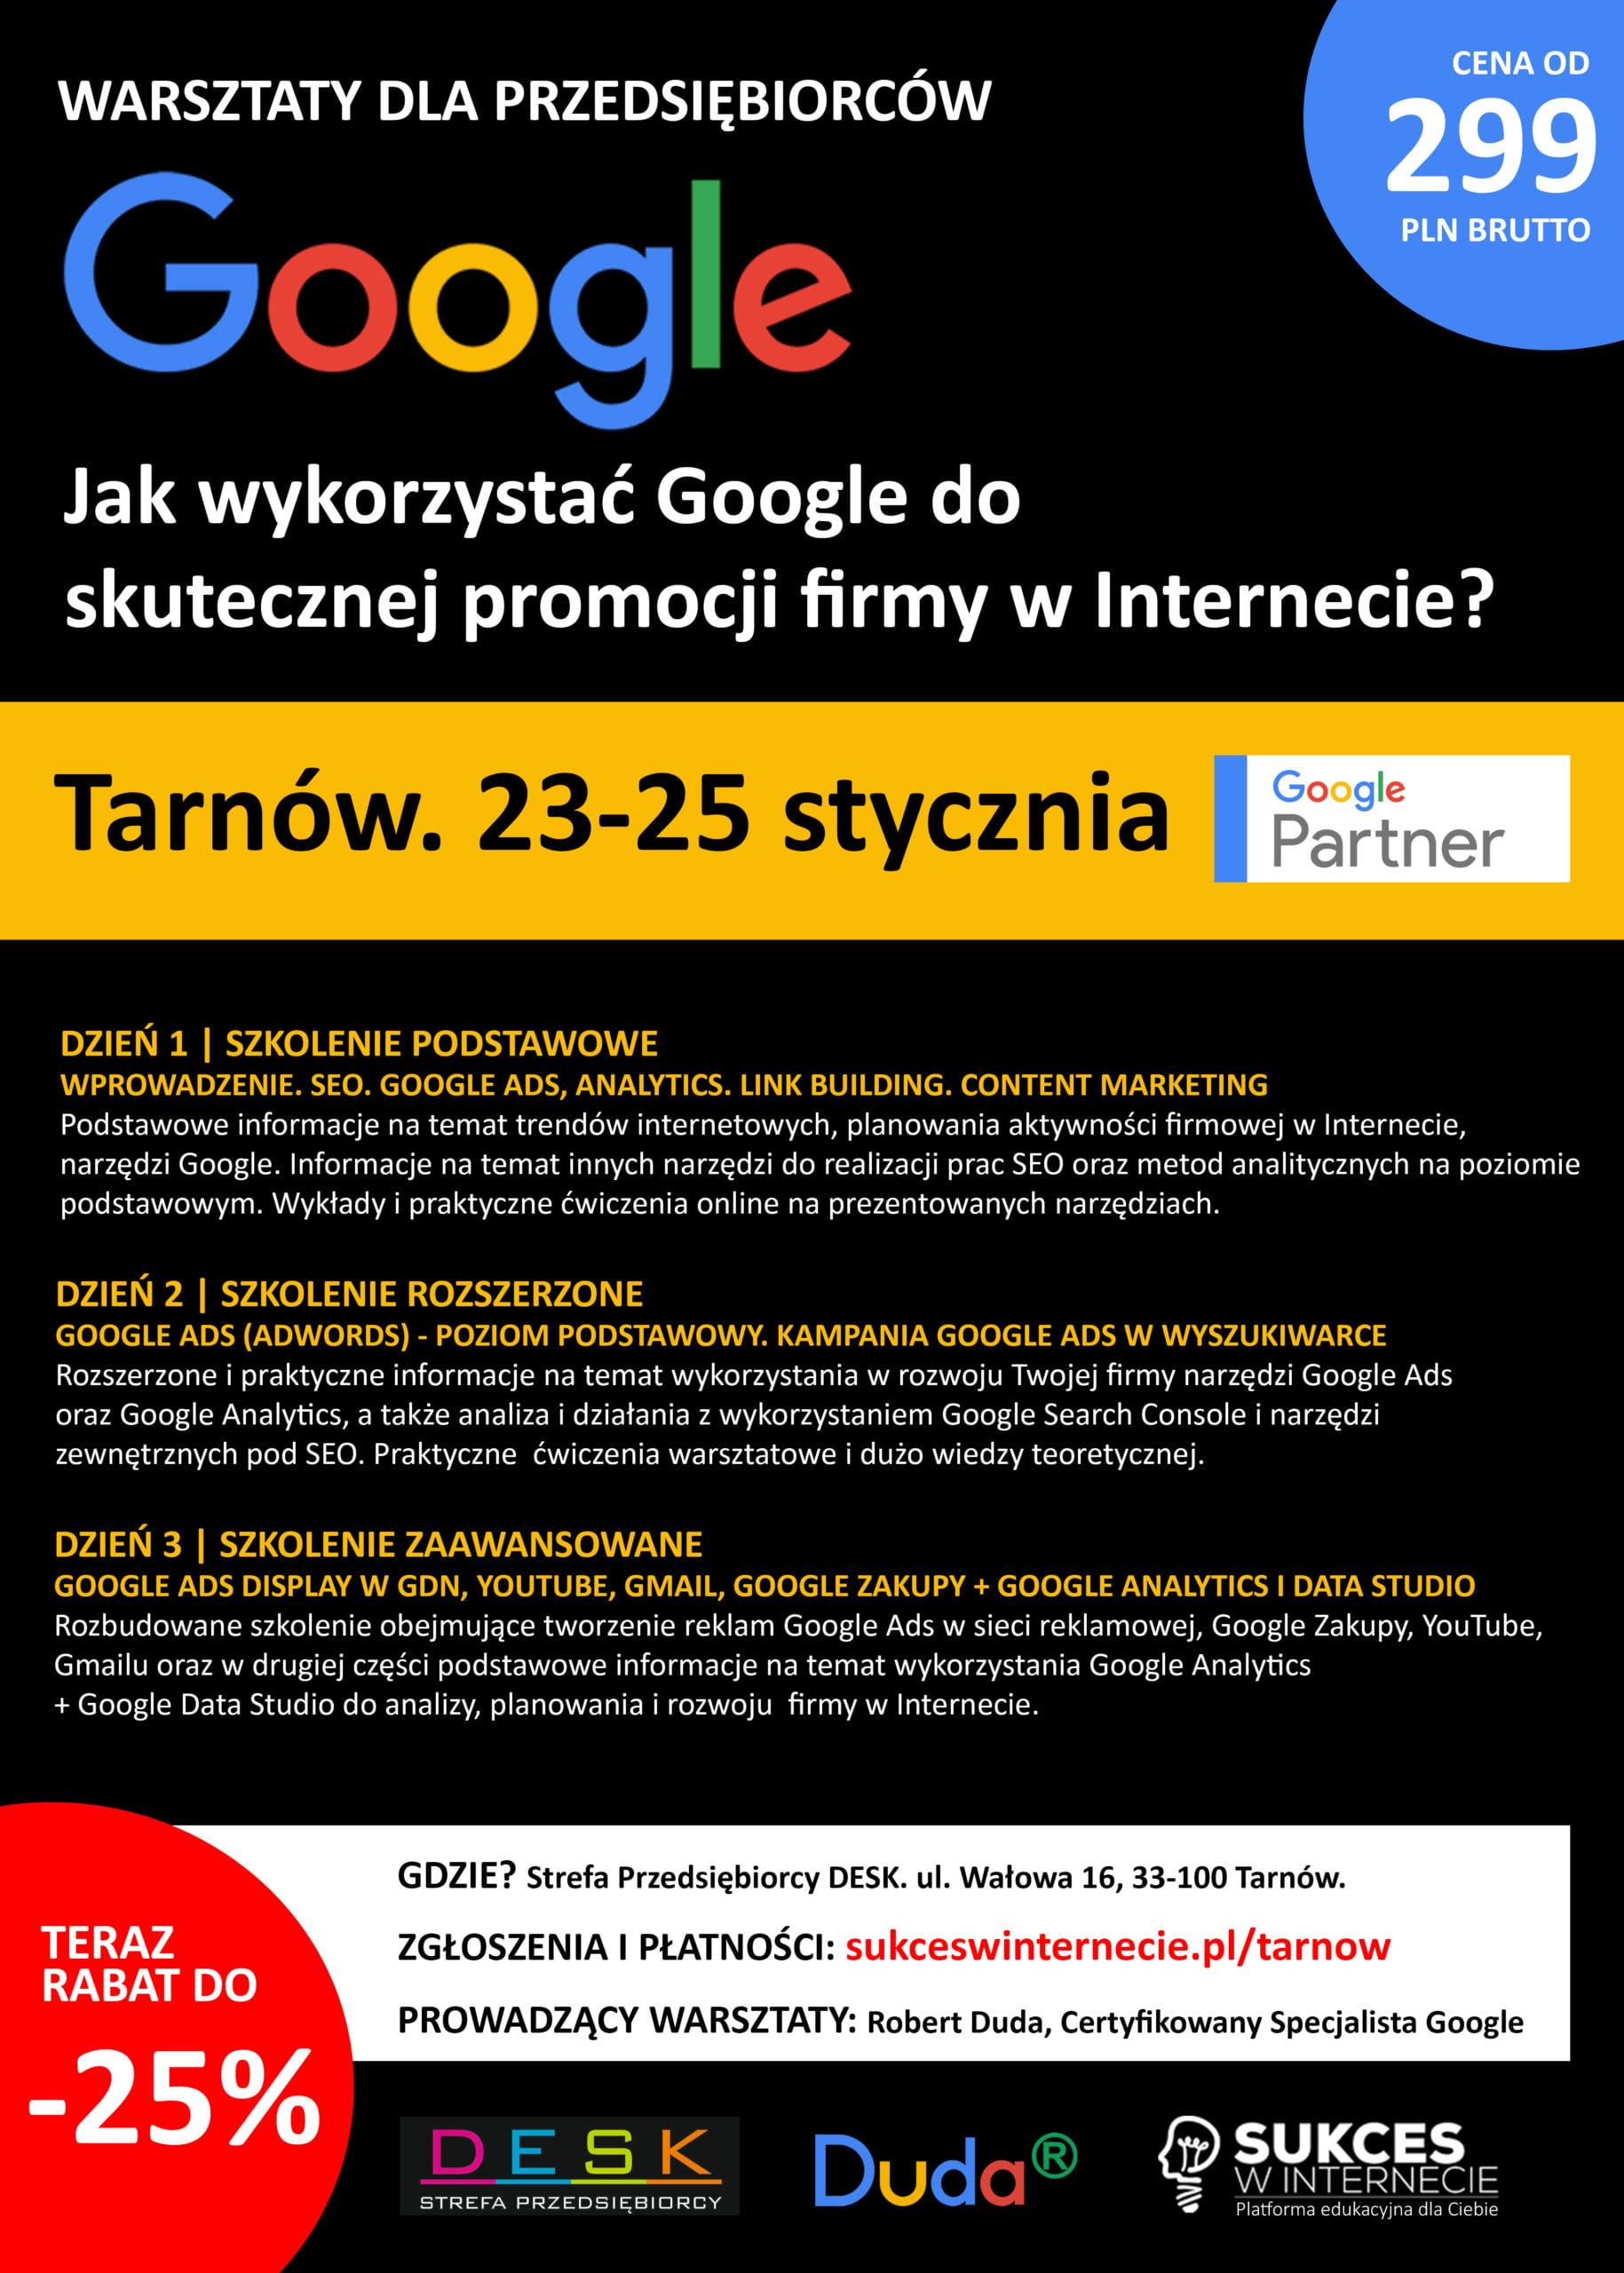 Jak wykorzystać Google do skutecznej promocji firmy w Internecie? – warsztaty dla przedsiębiorców